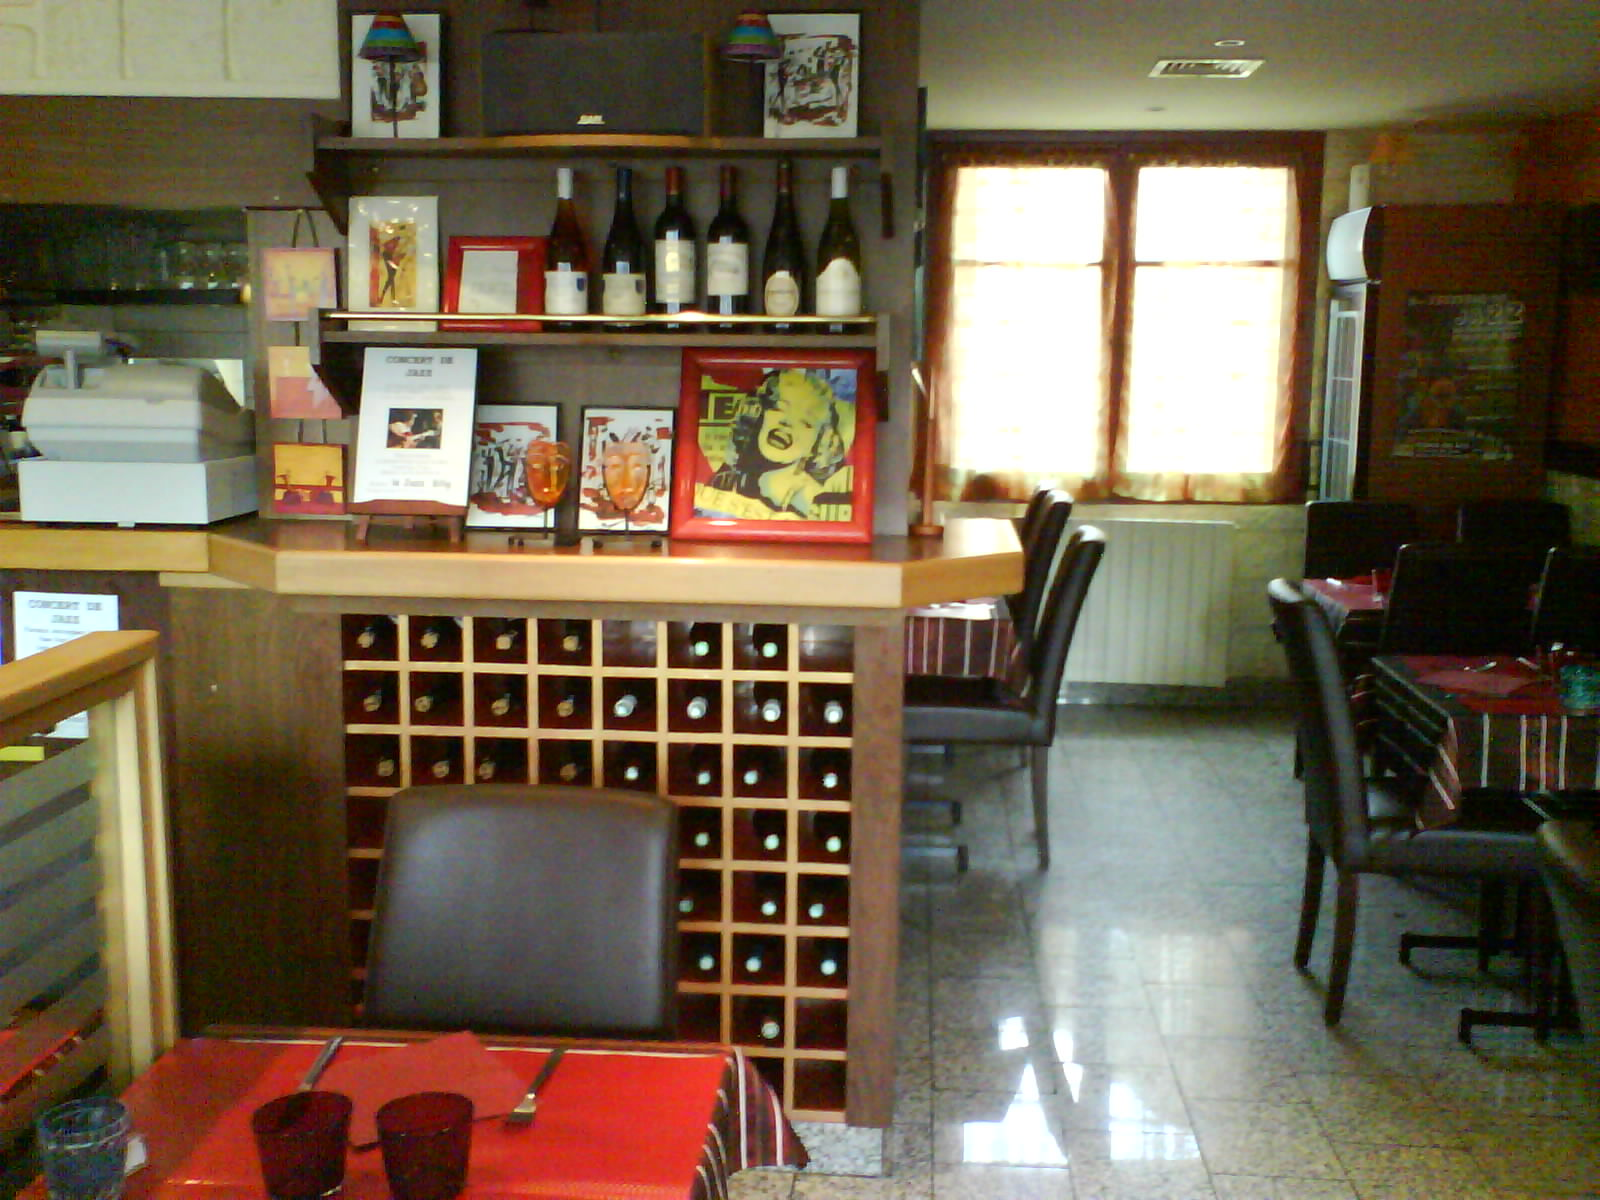 Le jazz biligà Les pavillons sous bois 93320 Téléphone, horaires et avis # Avis Pavillons Sous Bois